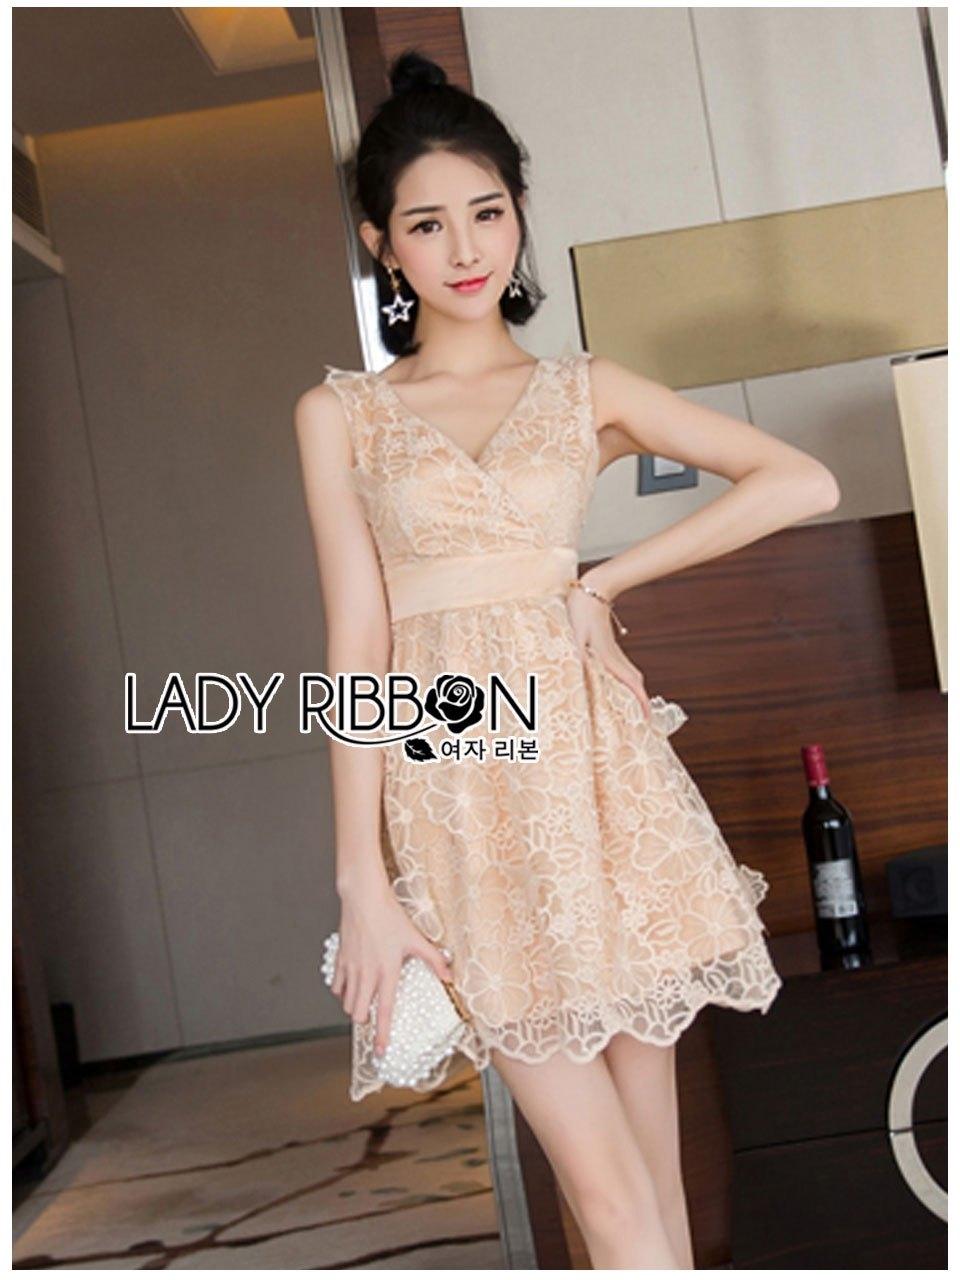 เสื้อผ้าเกาหลีพร้อมส่ง ค็อกเทลเดรสผ้าออร์แกนซ่าปักลายดอกไม้แบบ3D